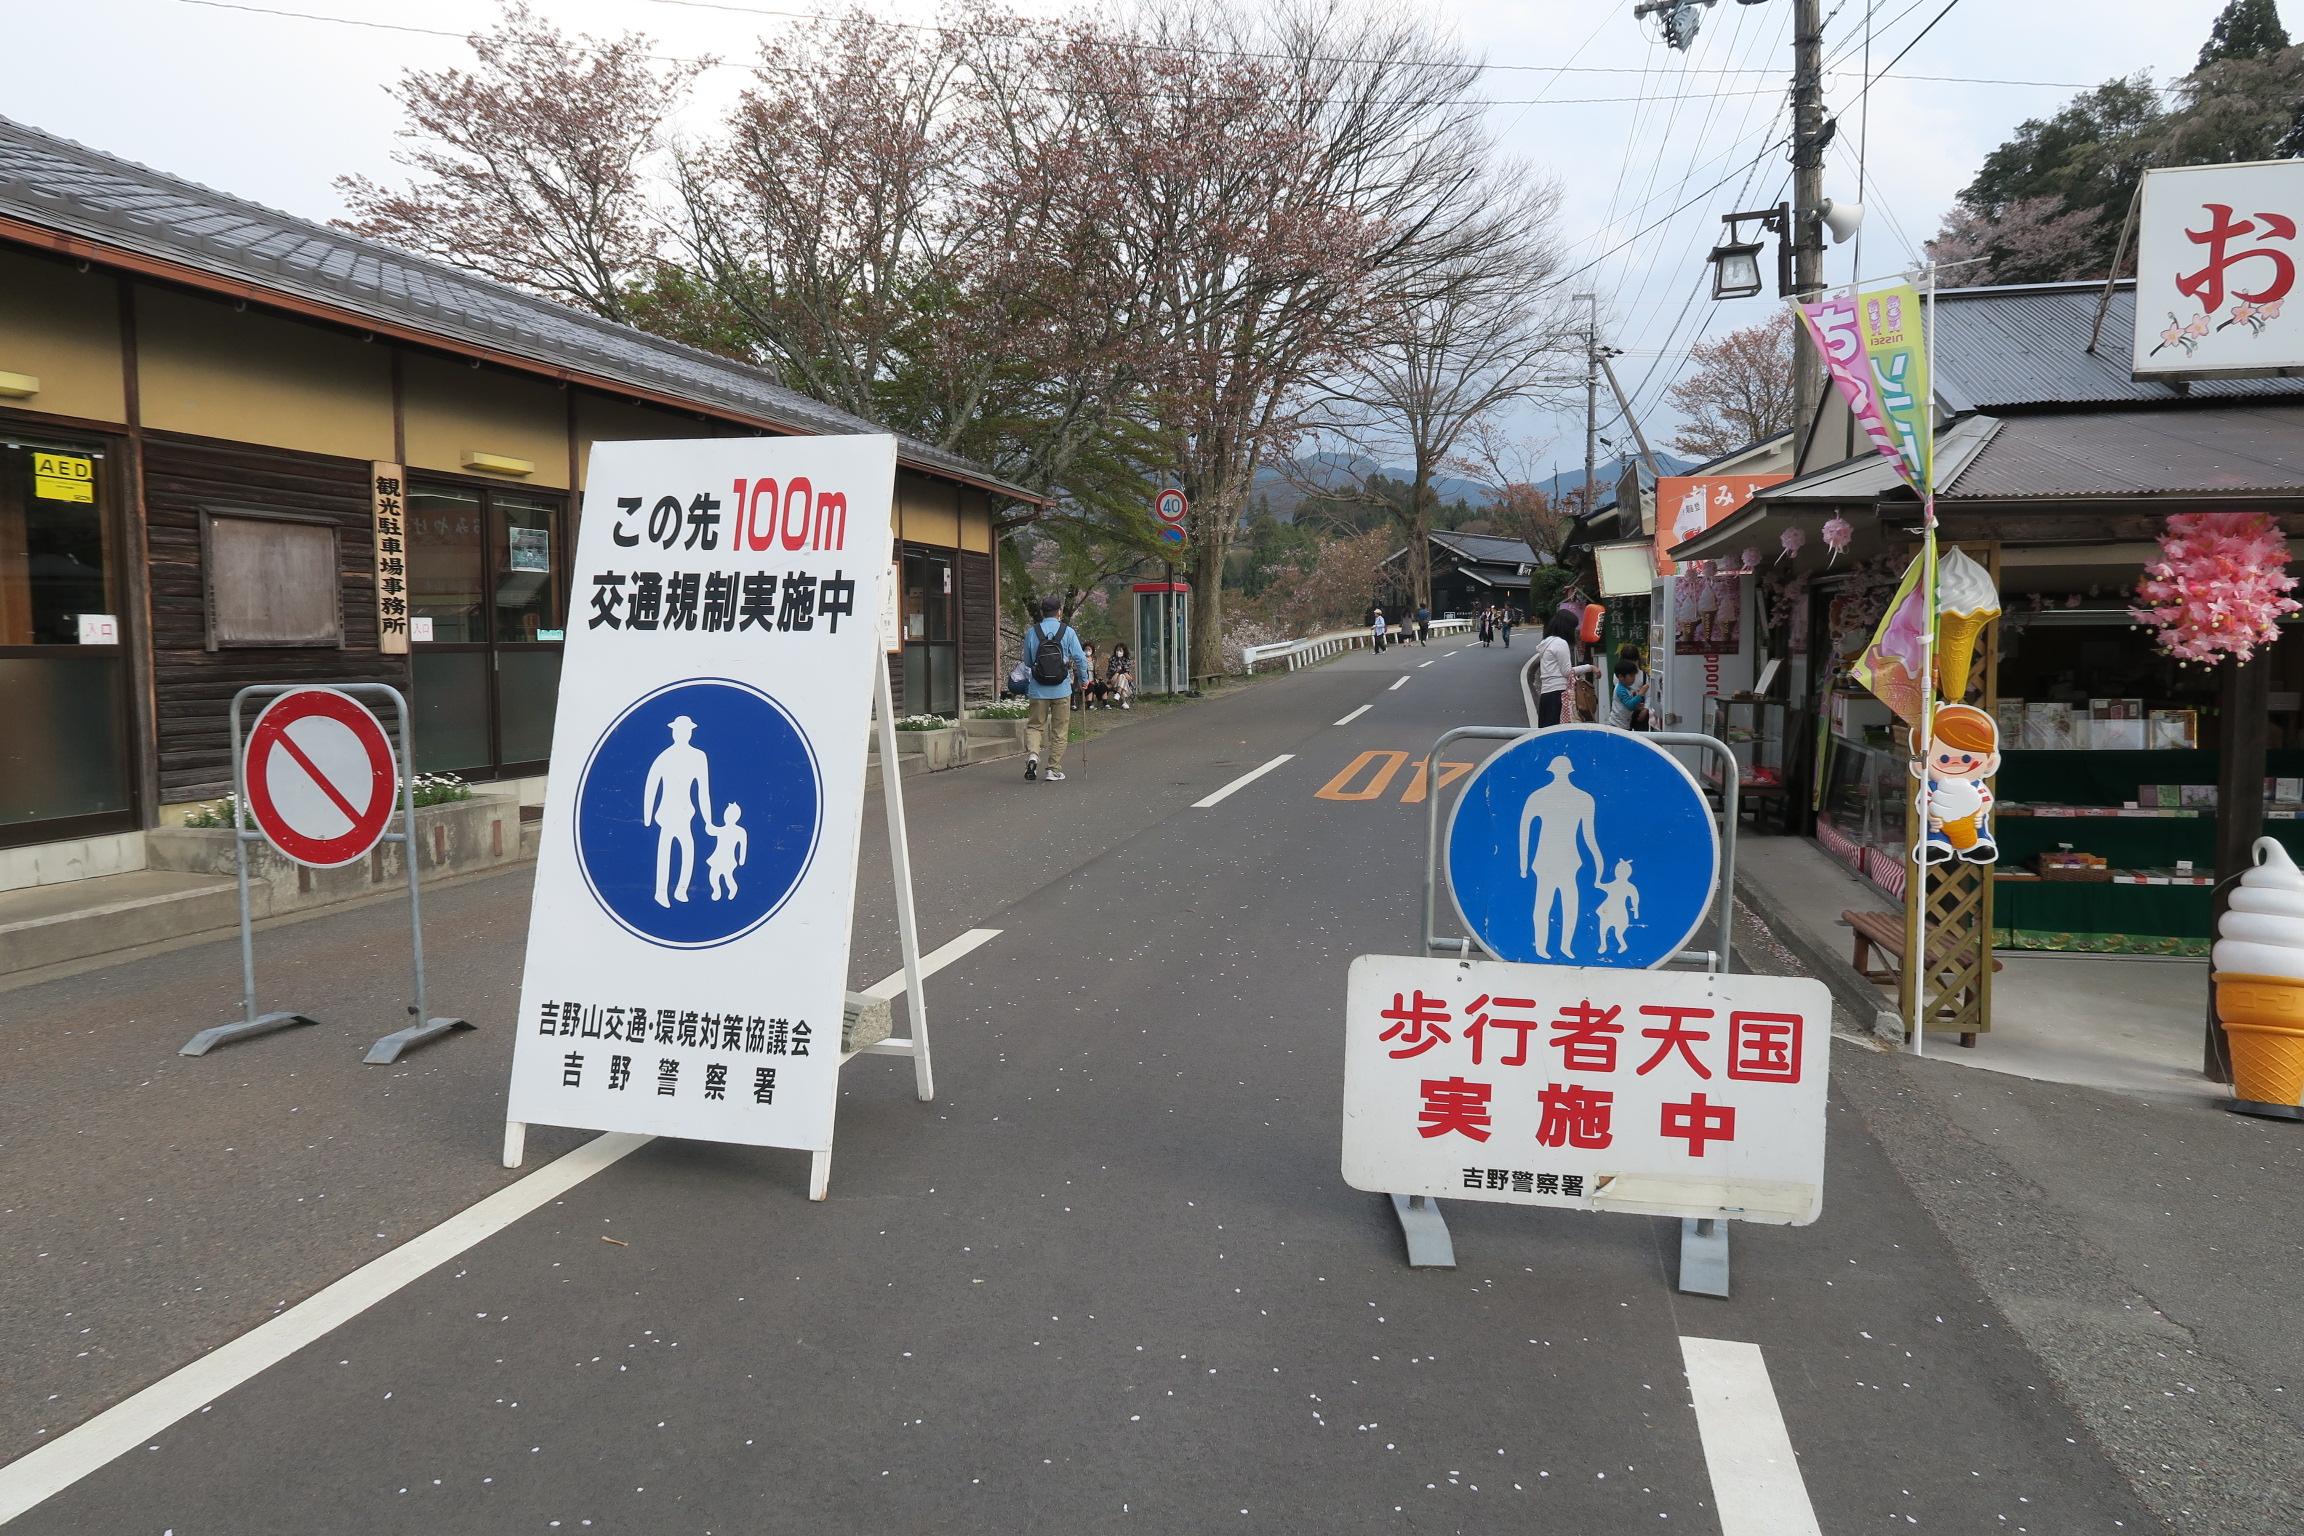 交通規制が入ると、歩行者天国になります。安心して歩けますが、ものすごい人、人、人。